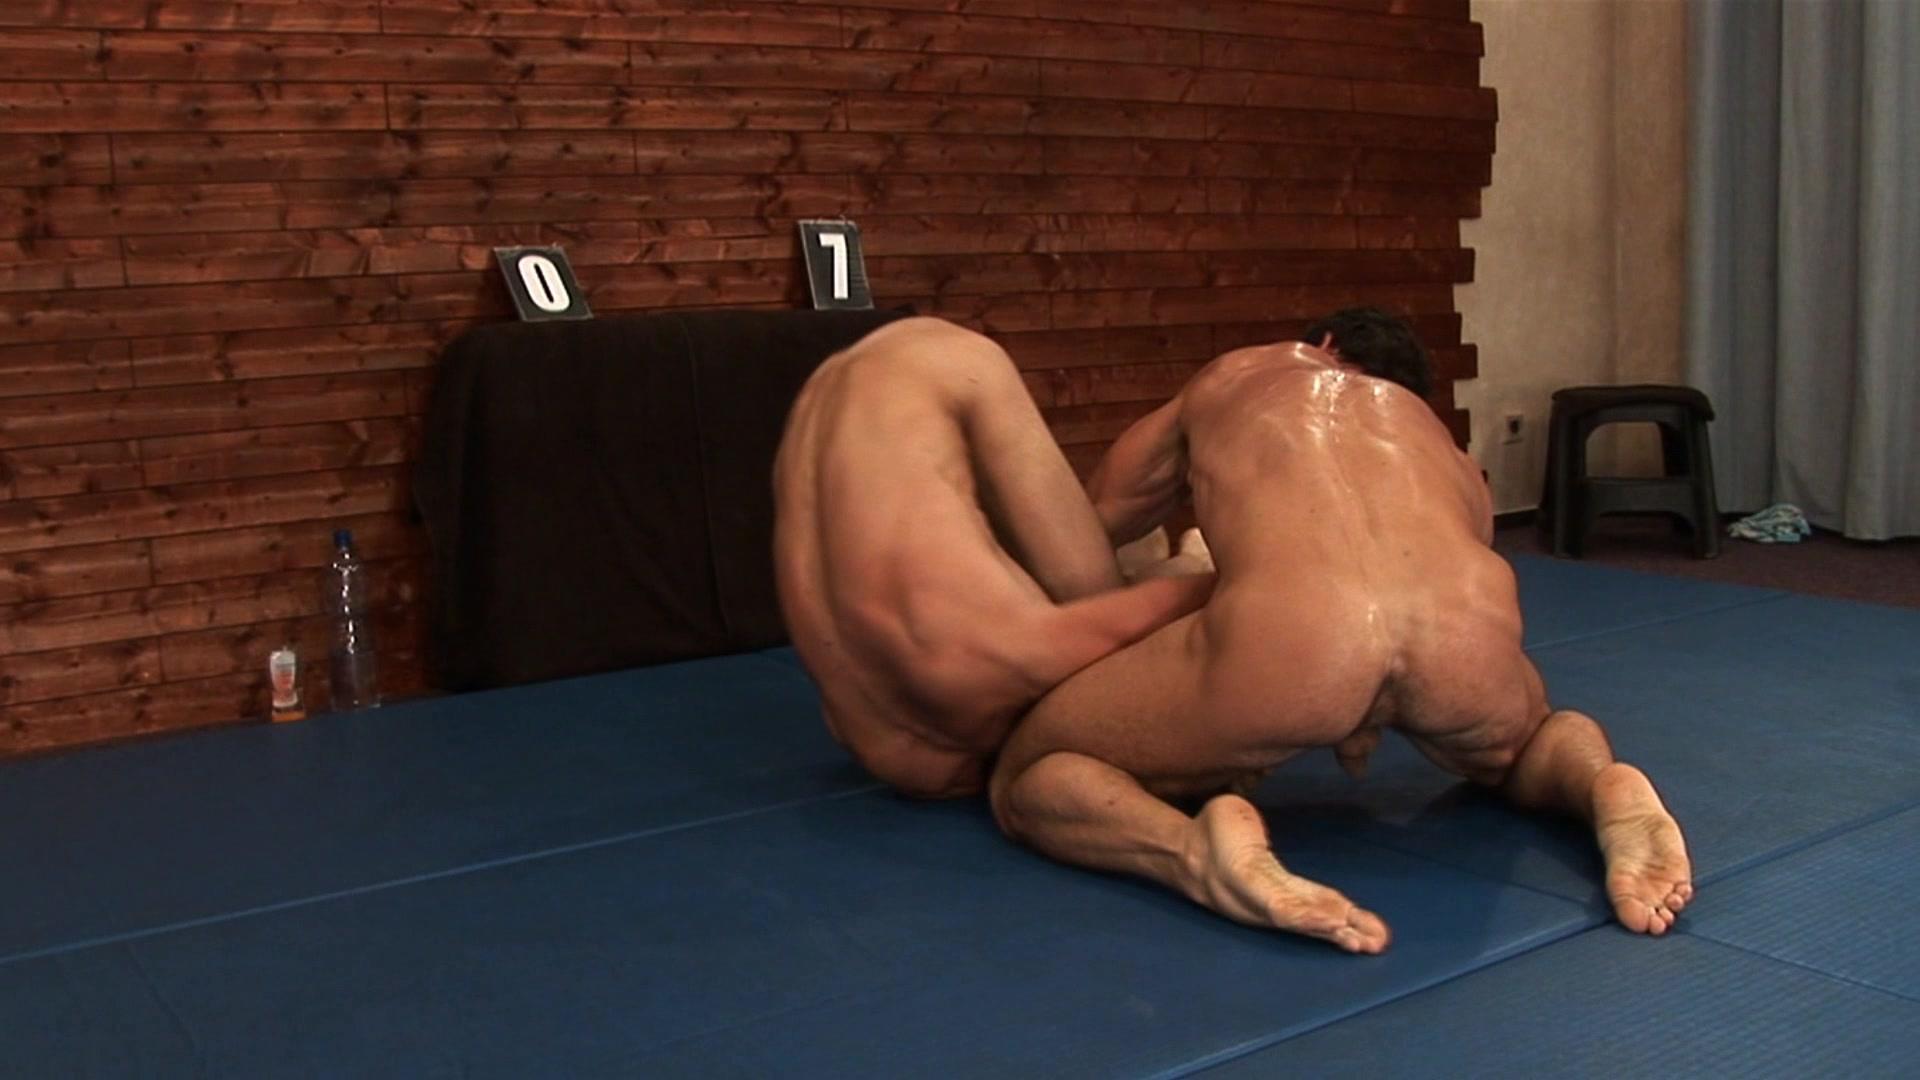 Batista wrestler nude